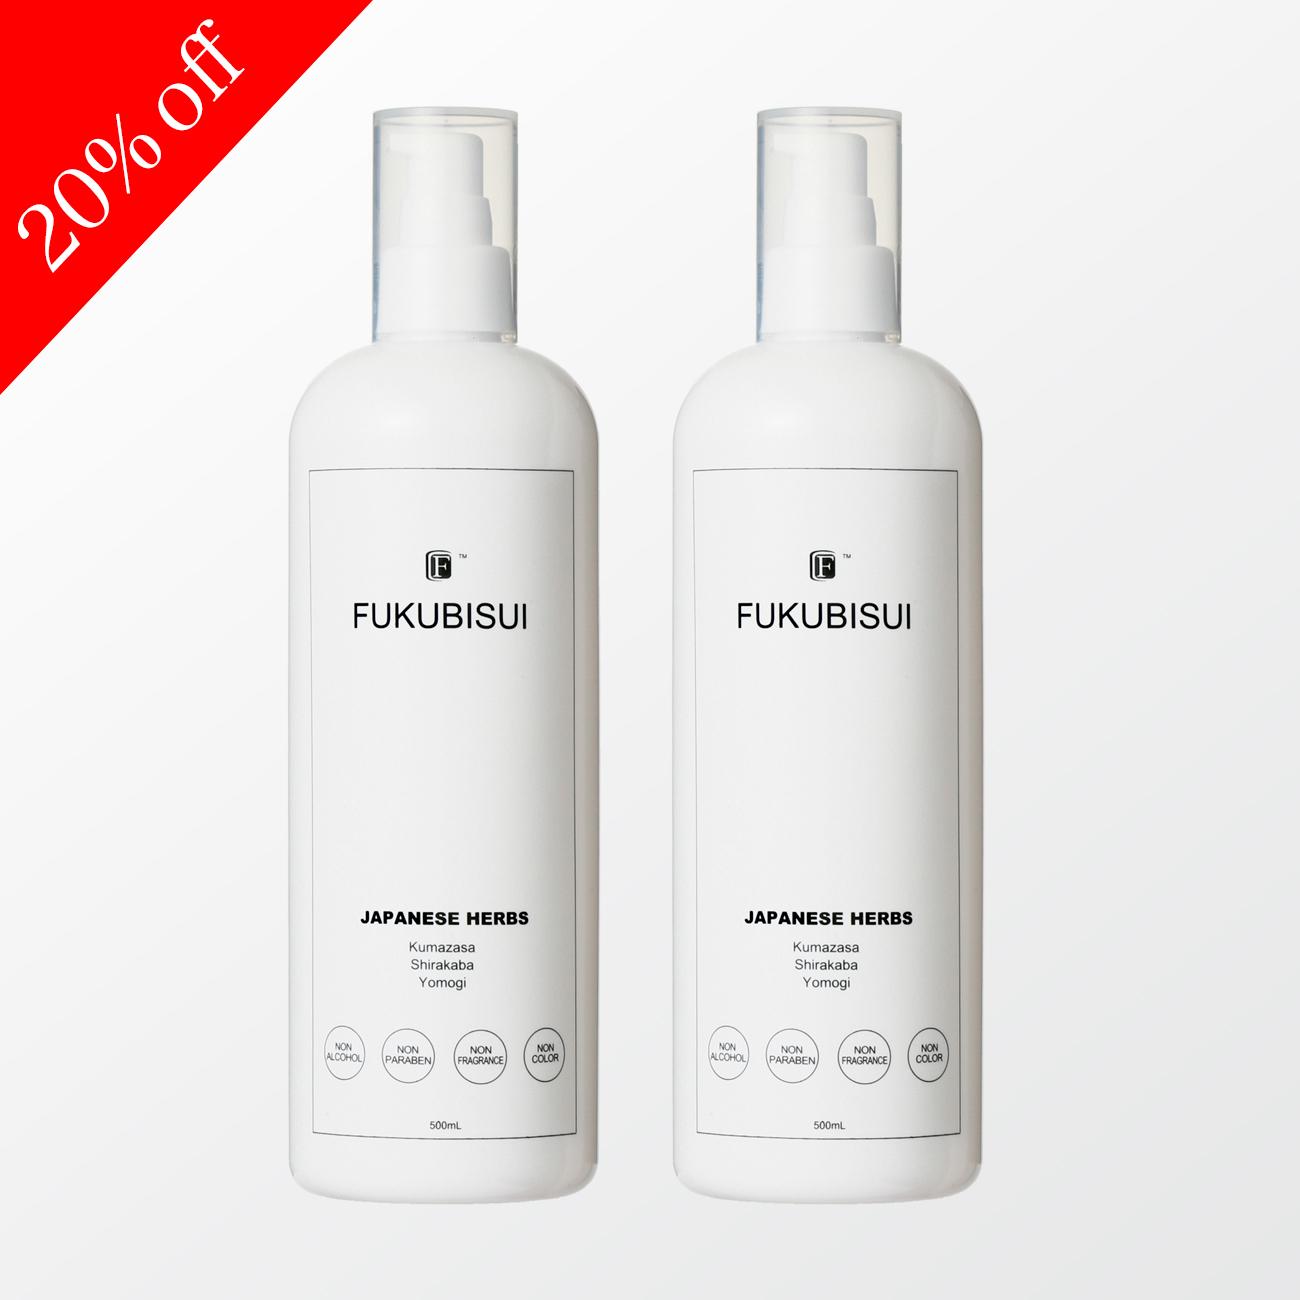 【定期購入】福美水 FUKUBISUI (ポンプ付) 2本セット